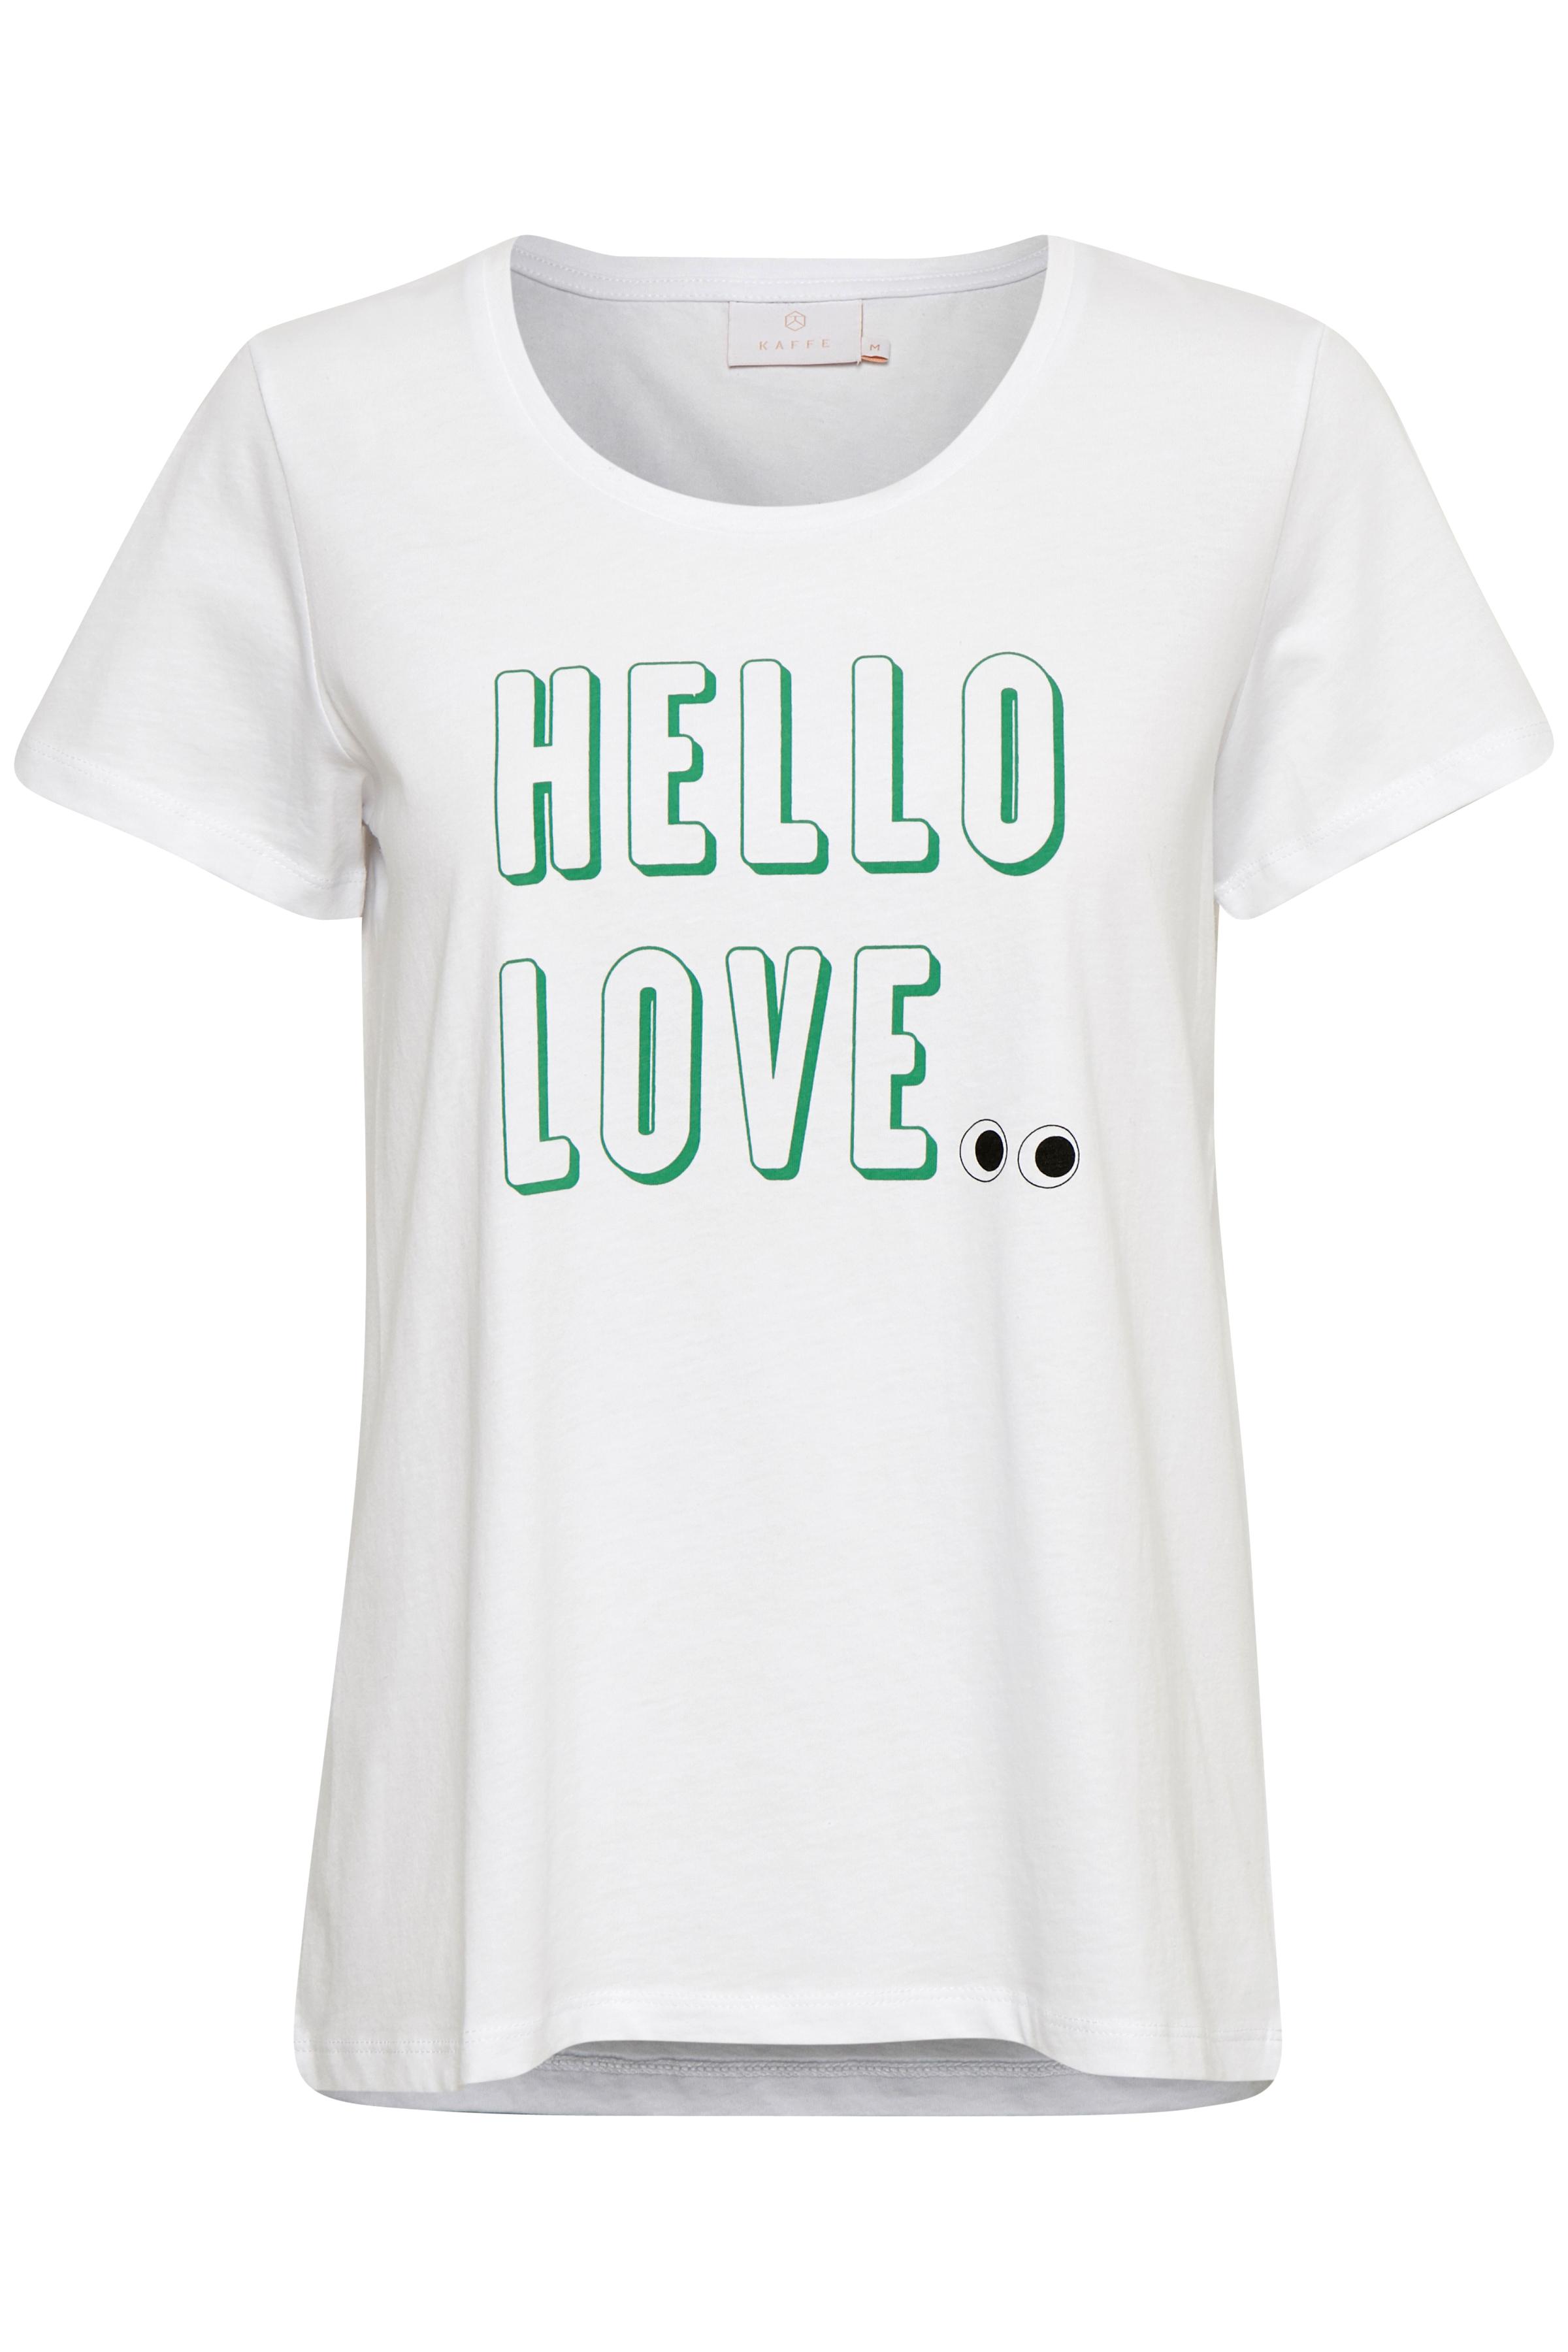 Wit T-shirt korte mouw van Kaffe – Door Wit T-shirt korte mouw van maat. XS-XXL hier